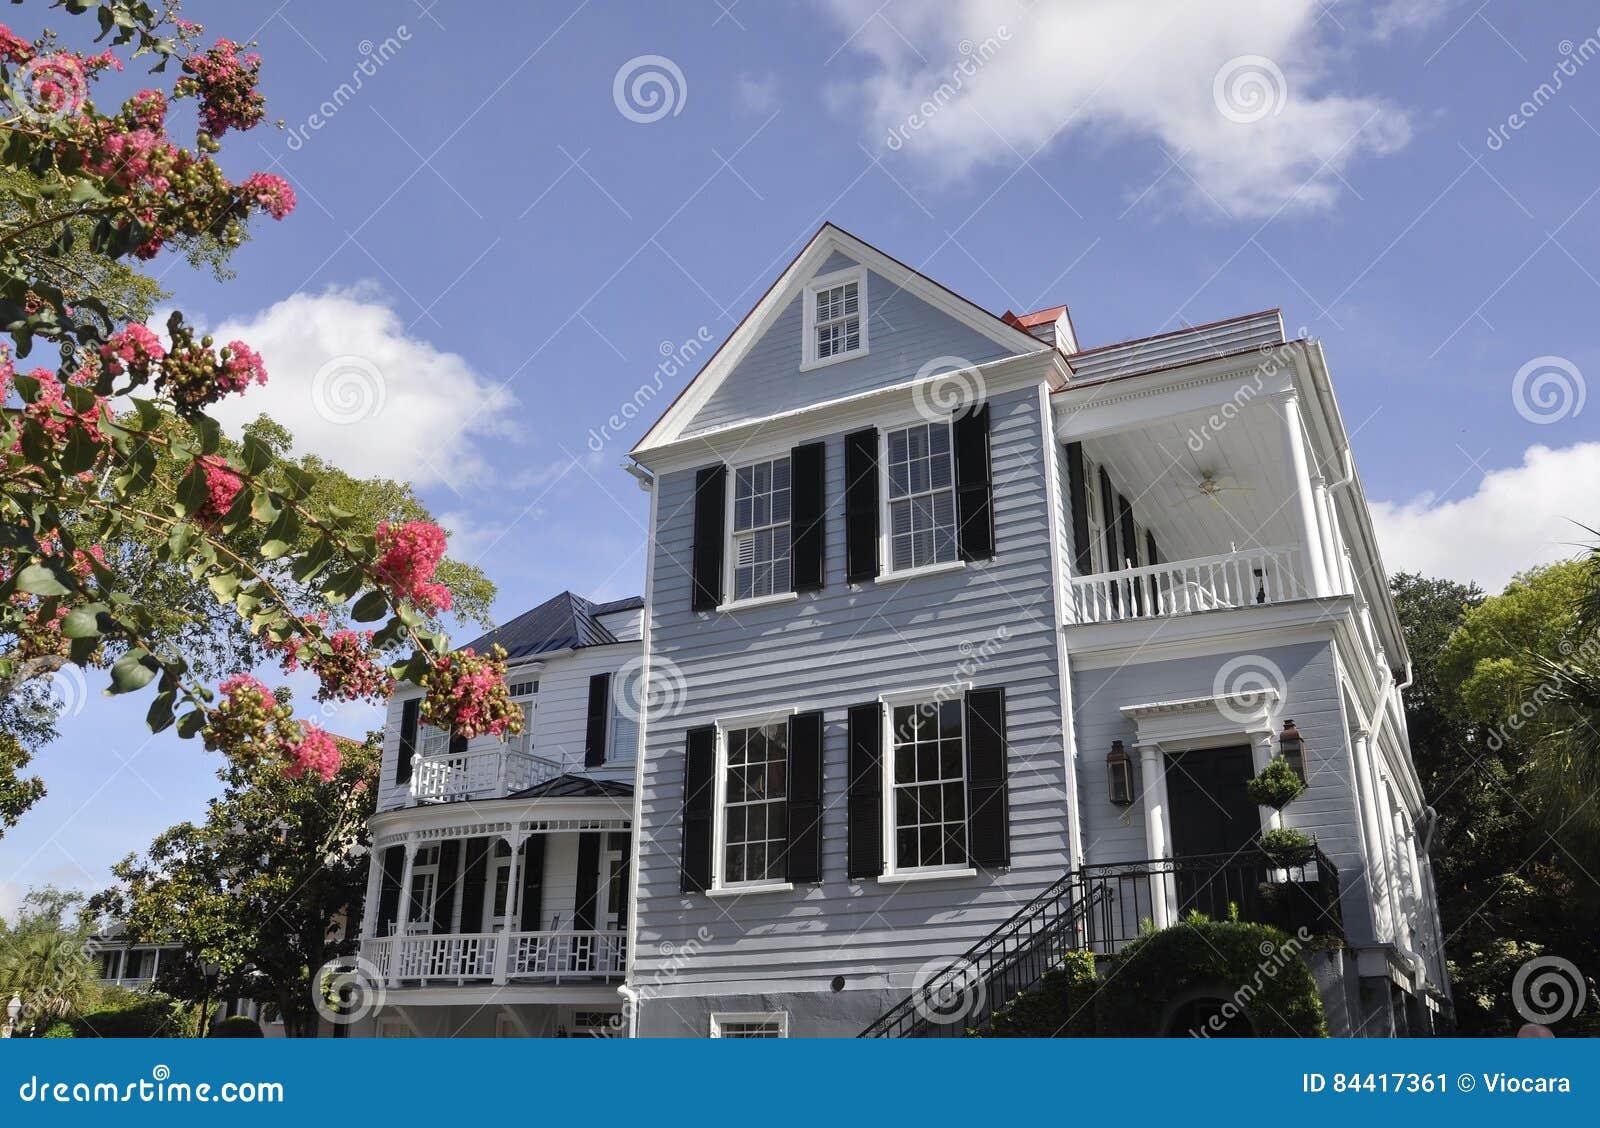 CharlestonSC, Augusti 7th: Historiskt hus från charleston i South Carolina